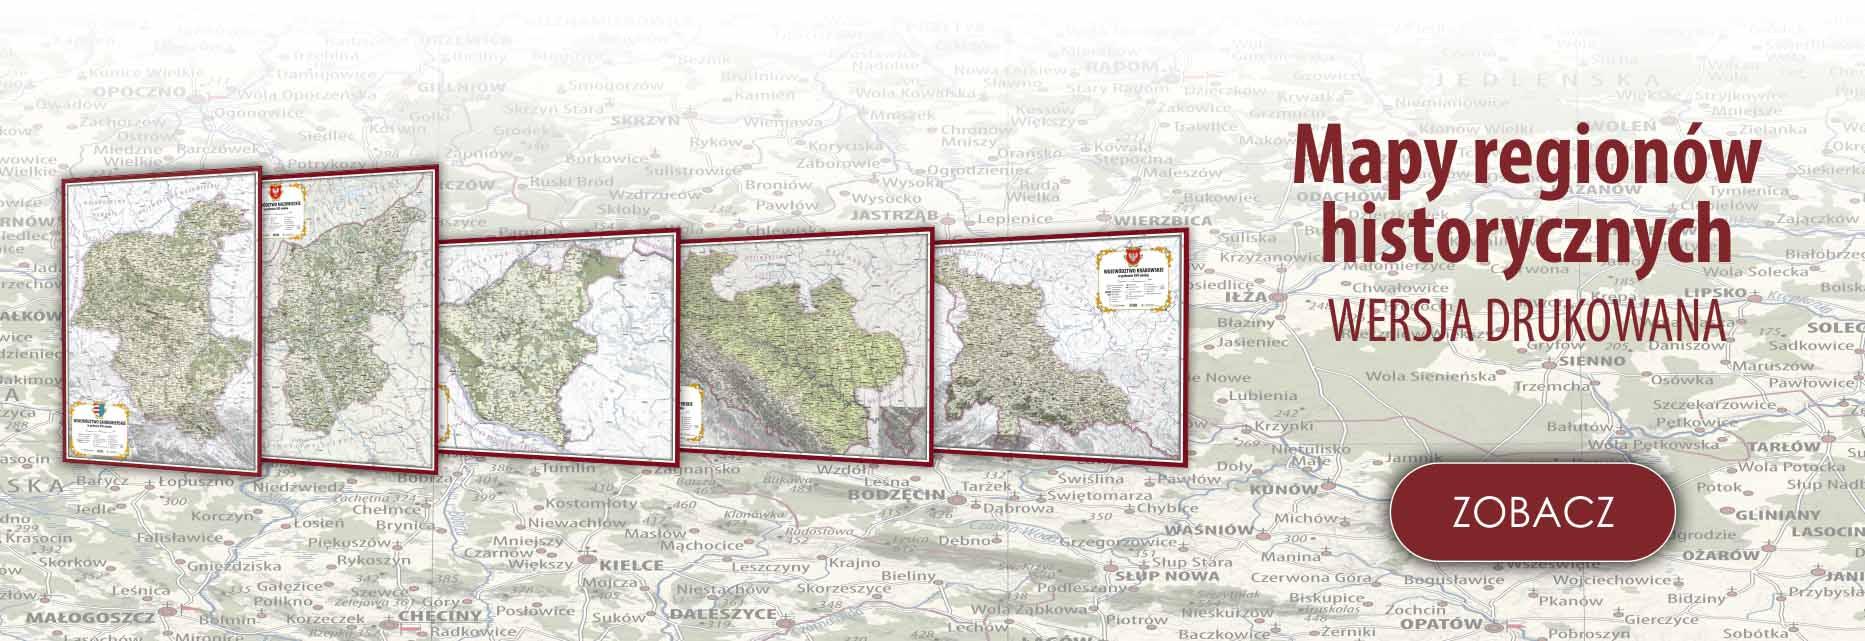 Mapy regionów historycznych